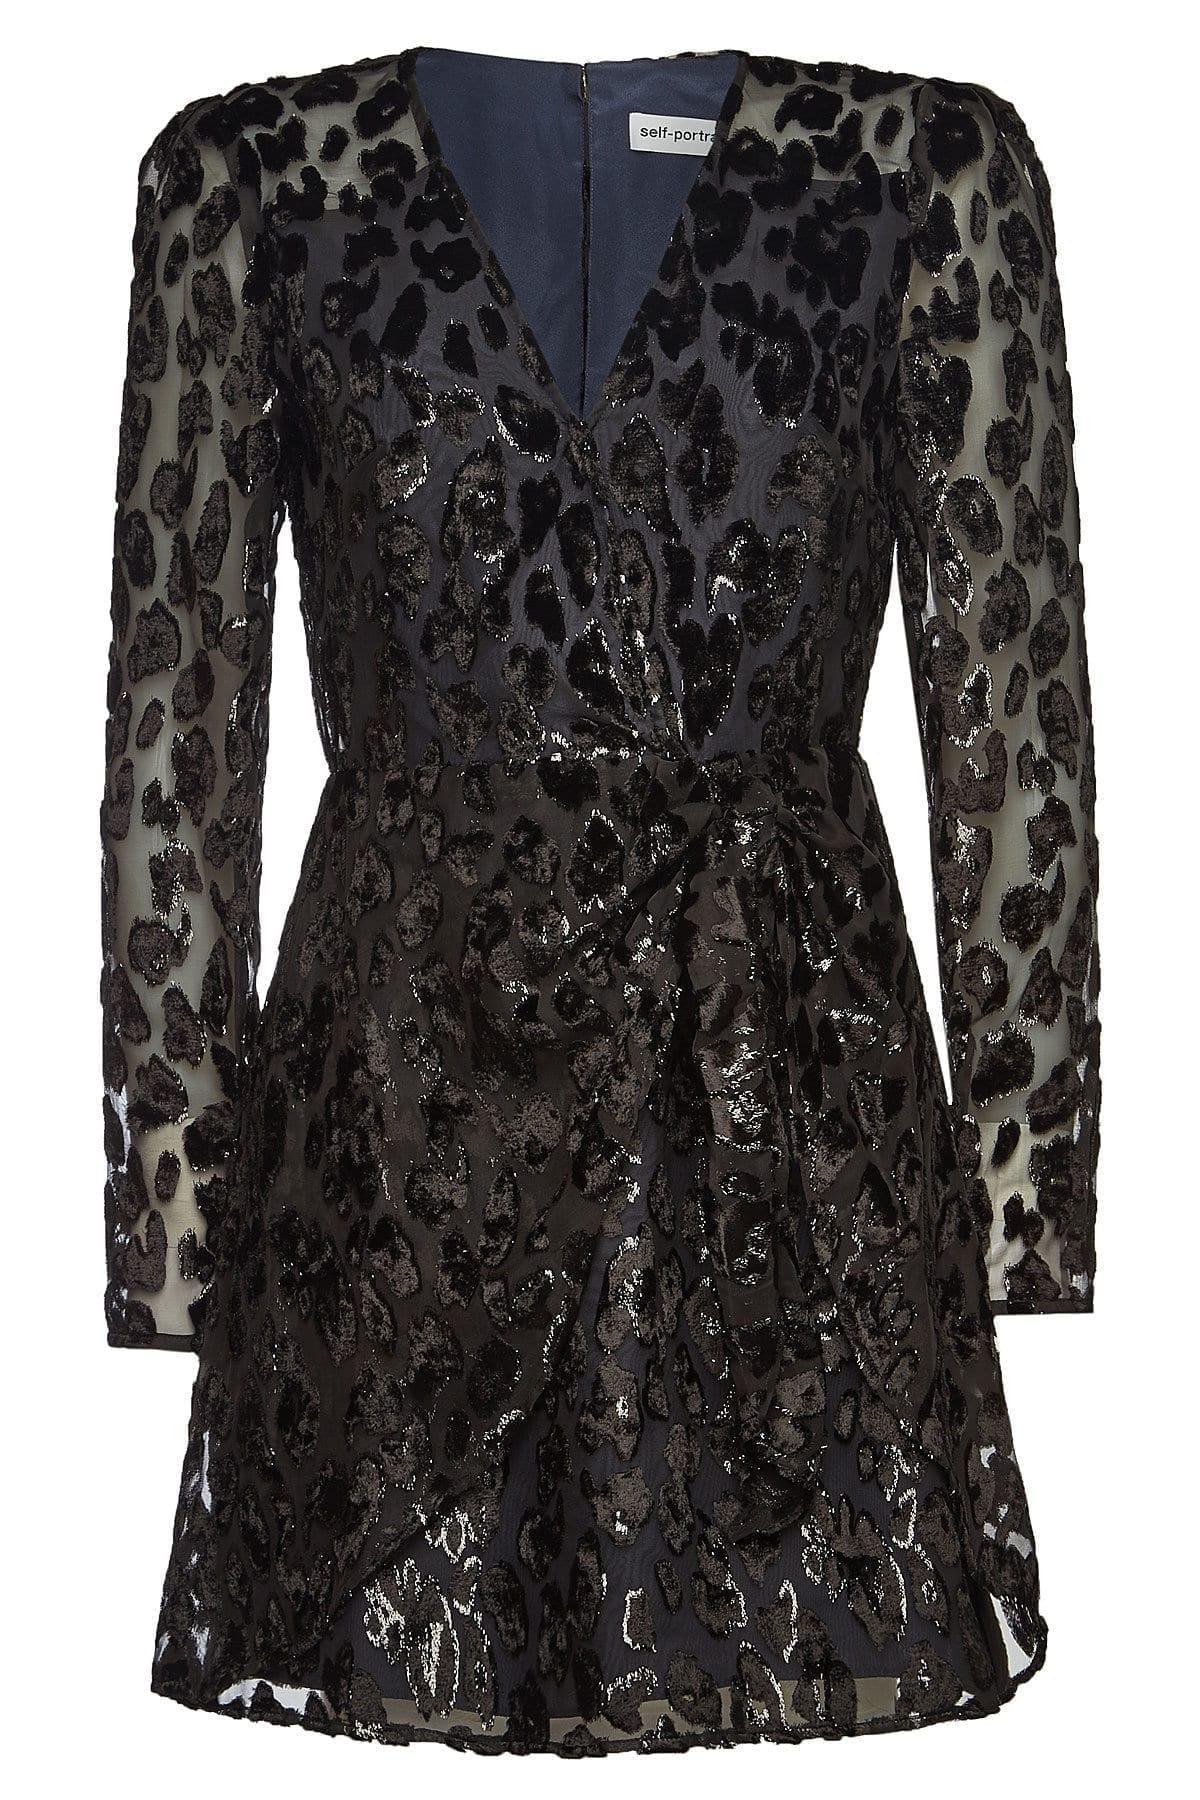 SELF-PORTRAIT Mini Black Dress